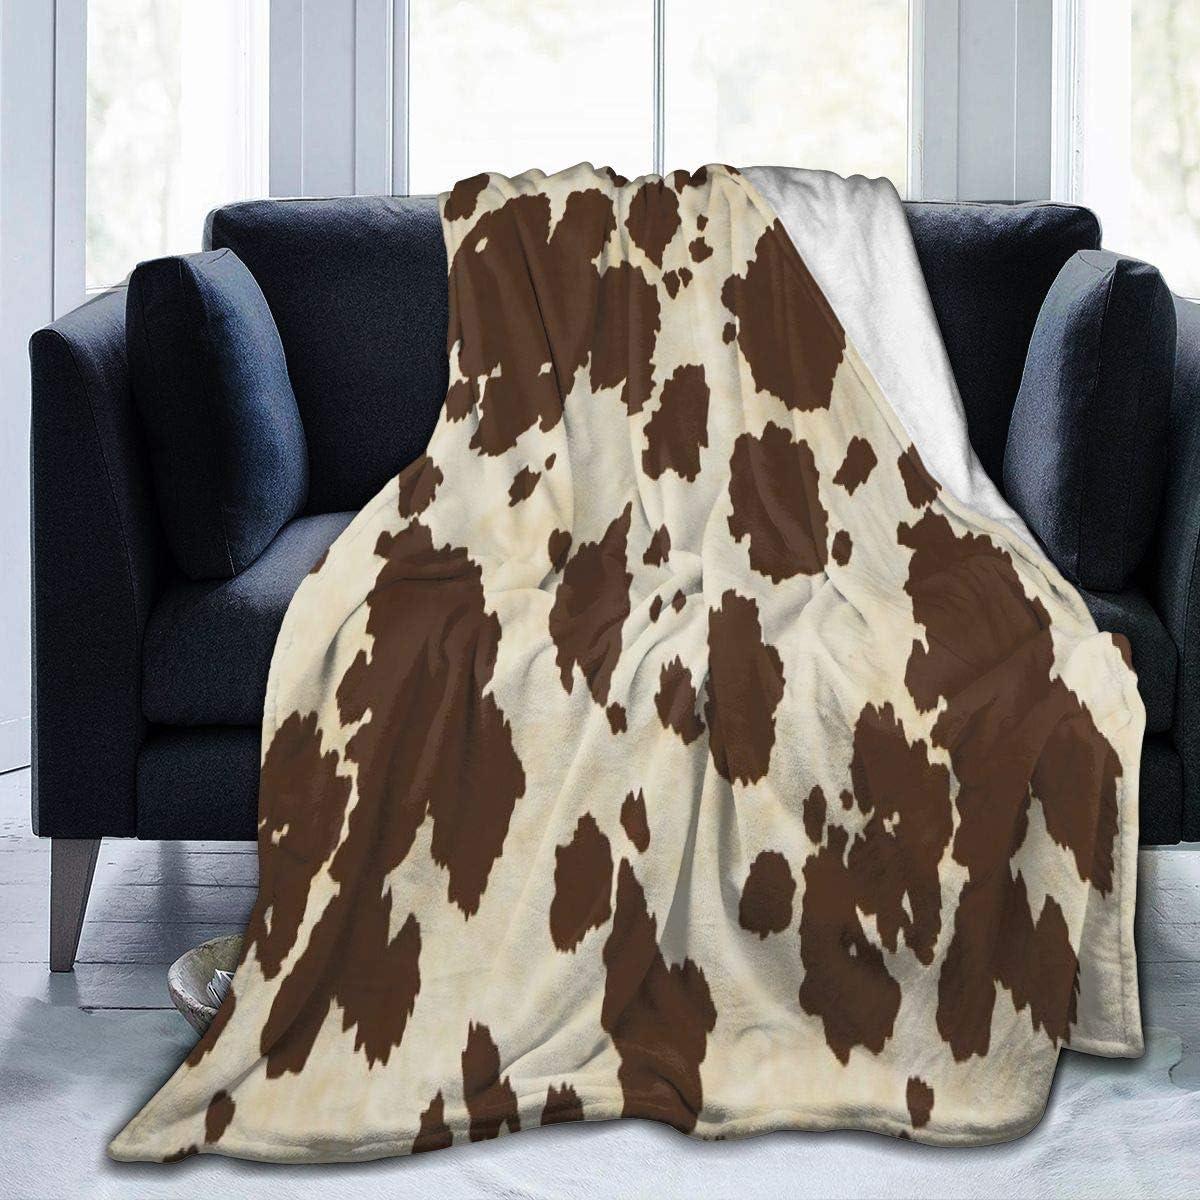 Brown Cow Print 人気ブランド多数対象 Fleece Throw Blanket Warm 激安挑戦中 Soft Fuzzy Cozy Super